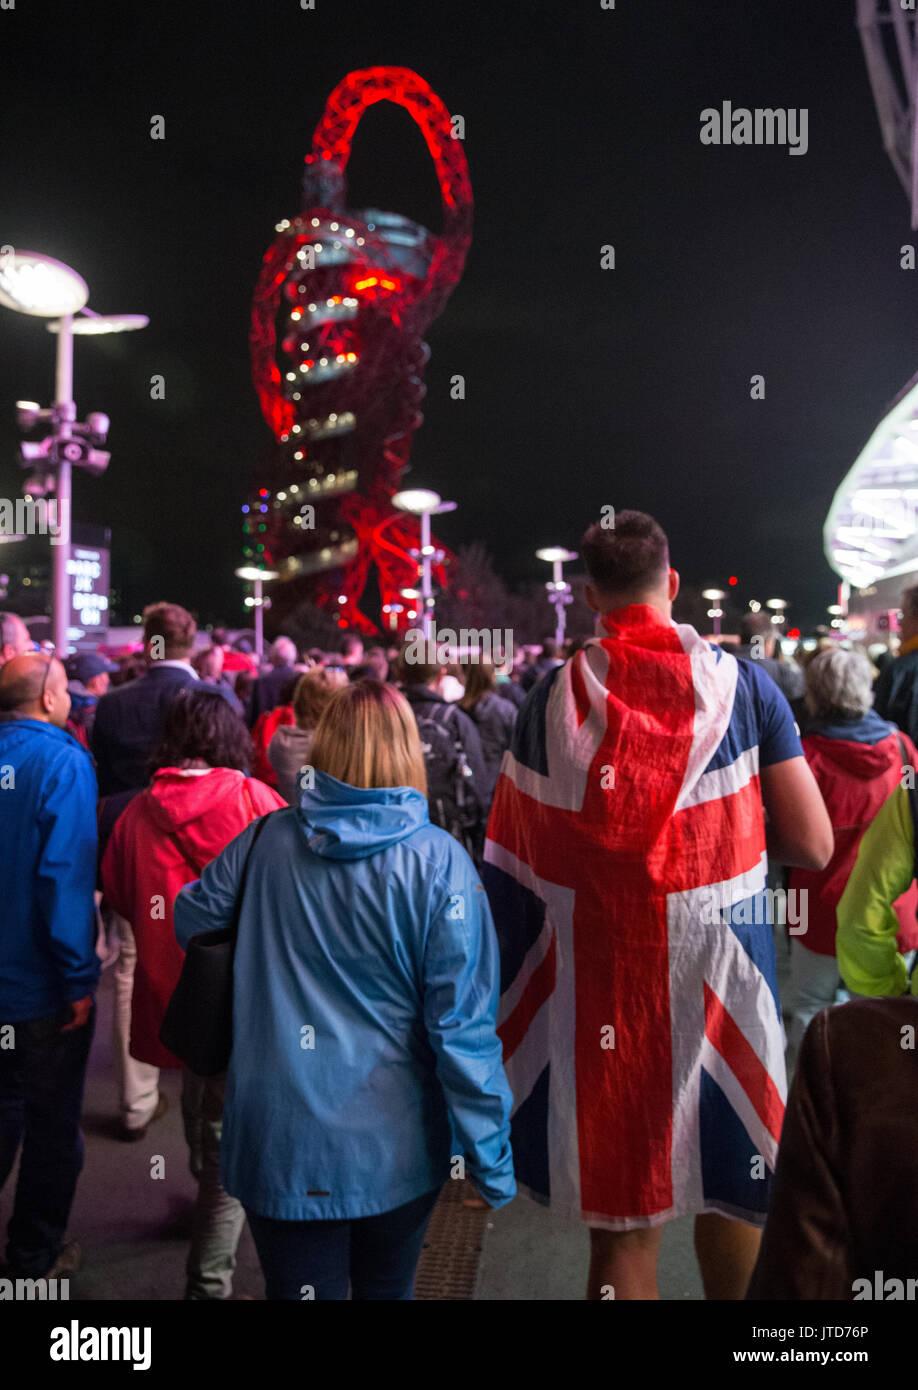 ArcelorMittal Orbit Turm von Anish Kapoor, dem höchsten Skulptur des Vereinigten Königreichs, am Olympiapark in der Nacht nach einem Abend der IAAF WM-Veranstaltungen Stockbild